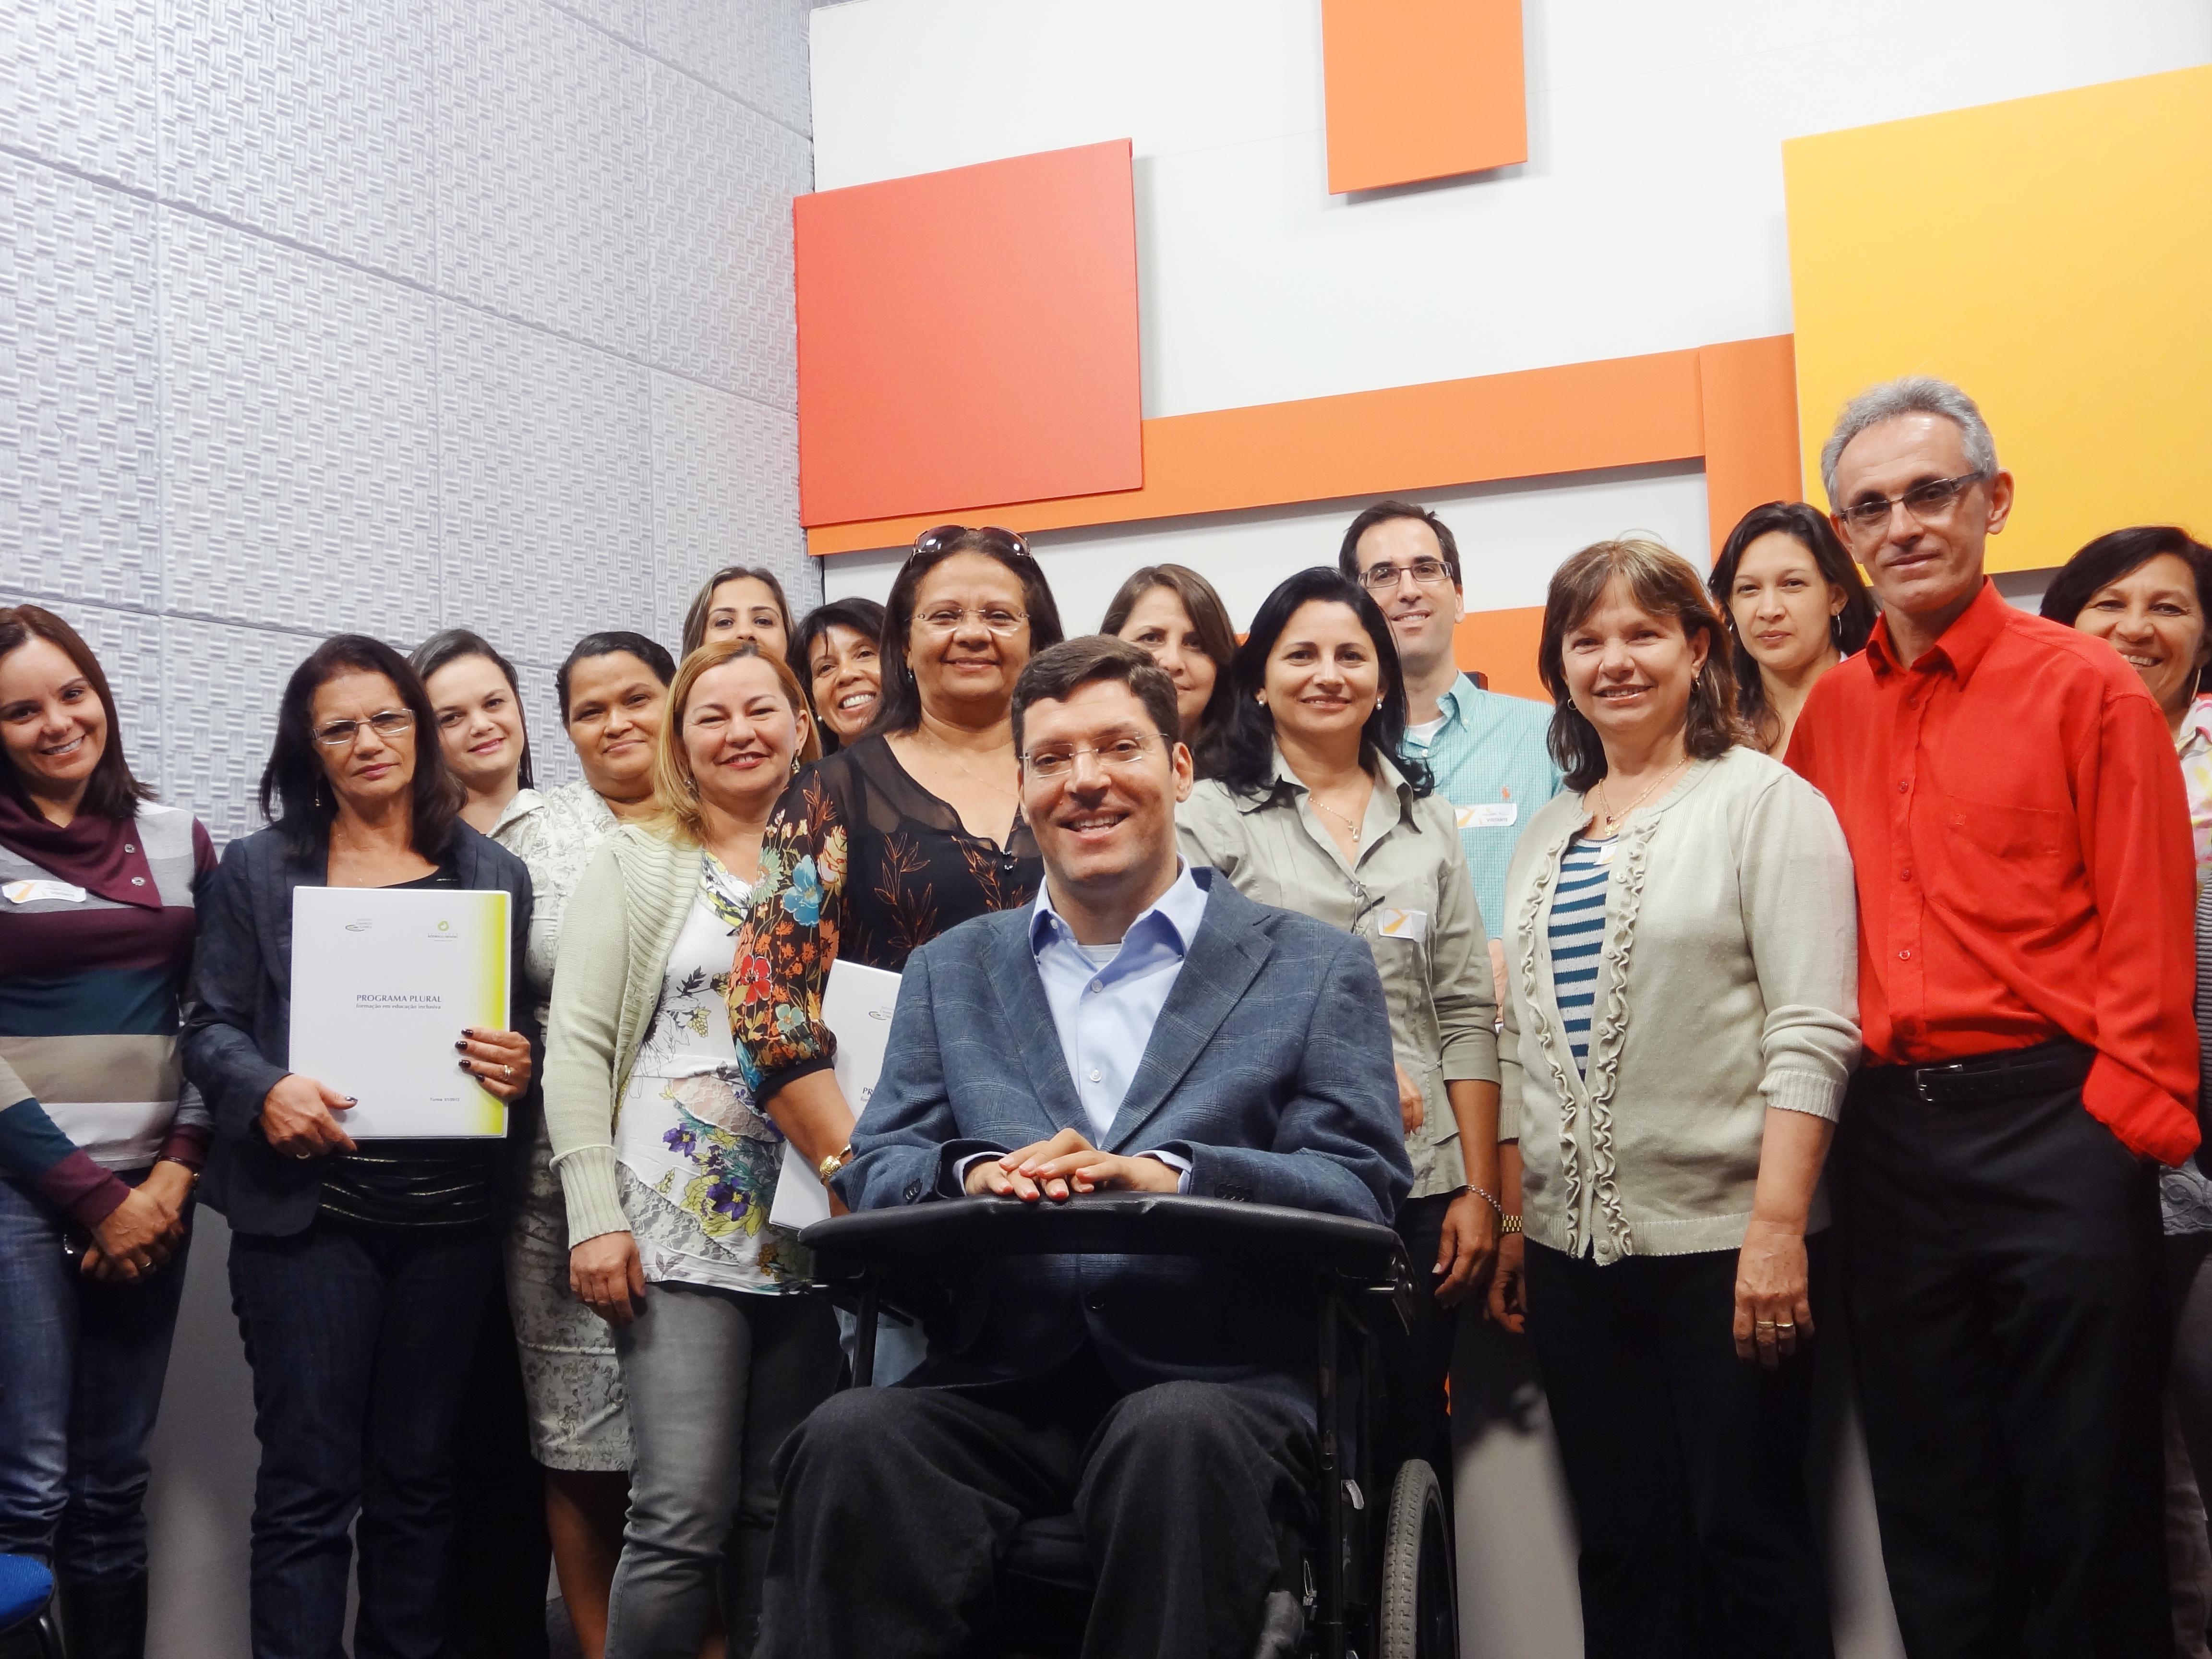 Mulheres e homens posam sorridentes e enfileirados para foto dentro de sala com paredes coloridas. À frente deles está Rodrigo em sua cadeira de rodas.